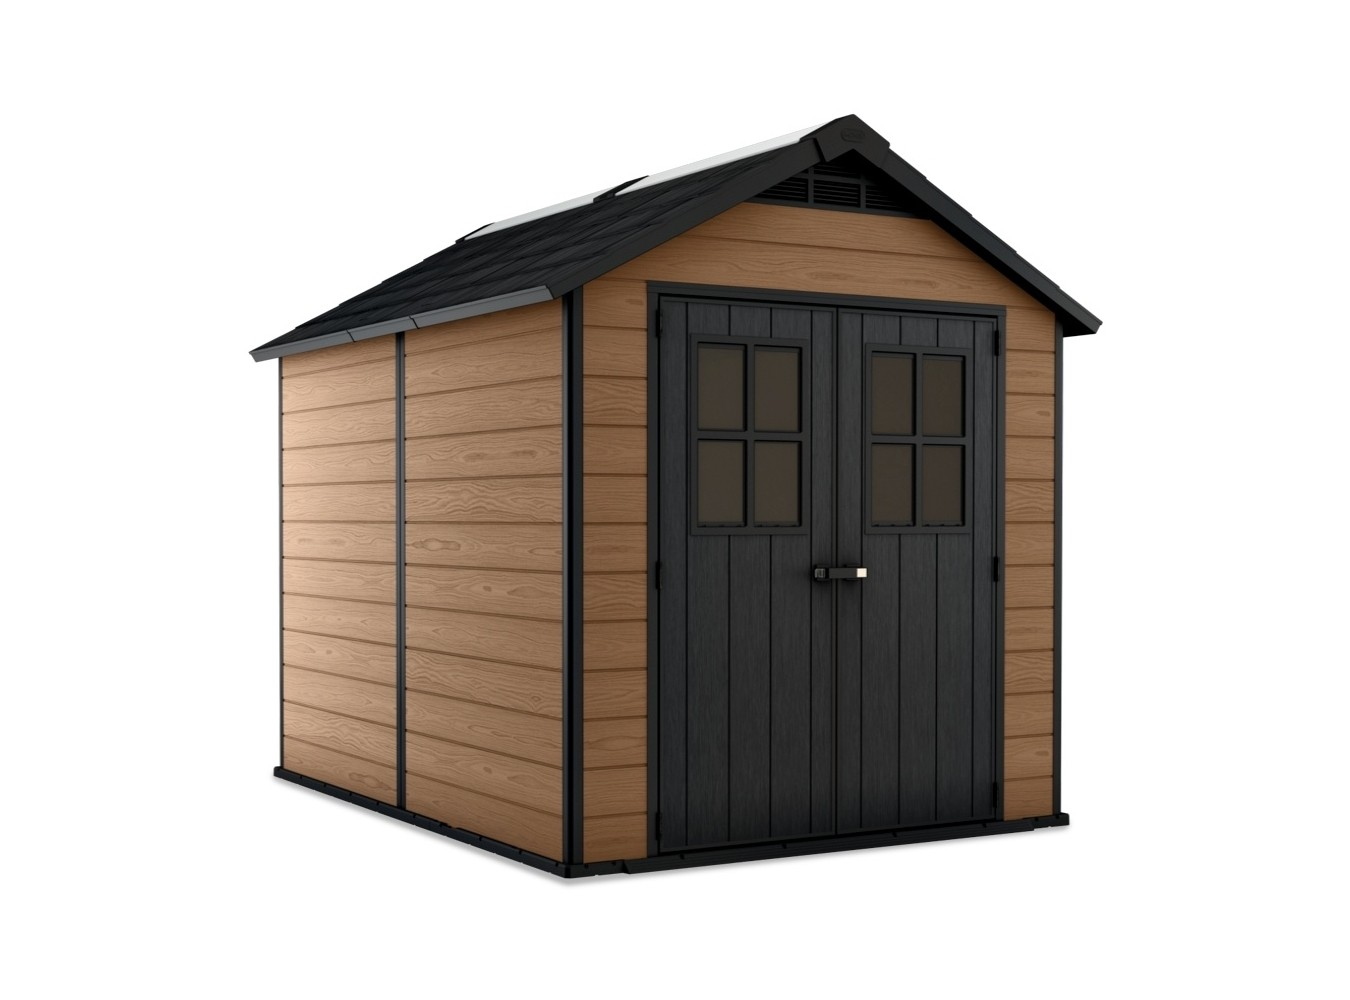 Zahradní domek Keter Newton 759 - 6,54 m2 + Dárek: držák na nářadí v hodnotě 590 Kč